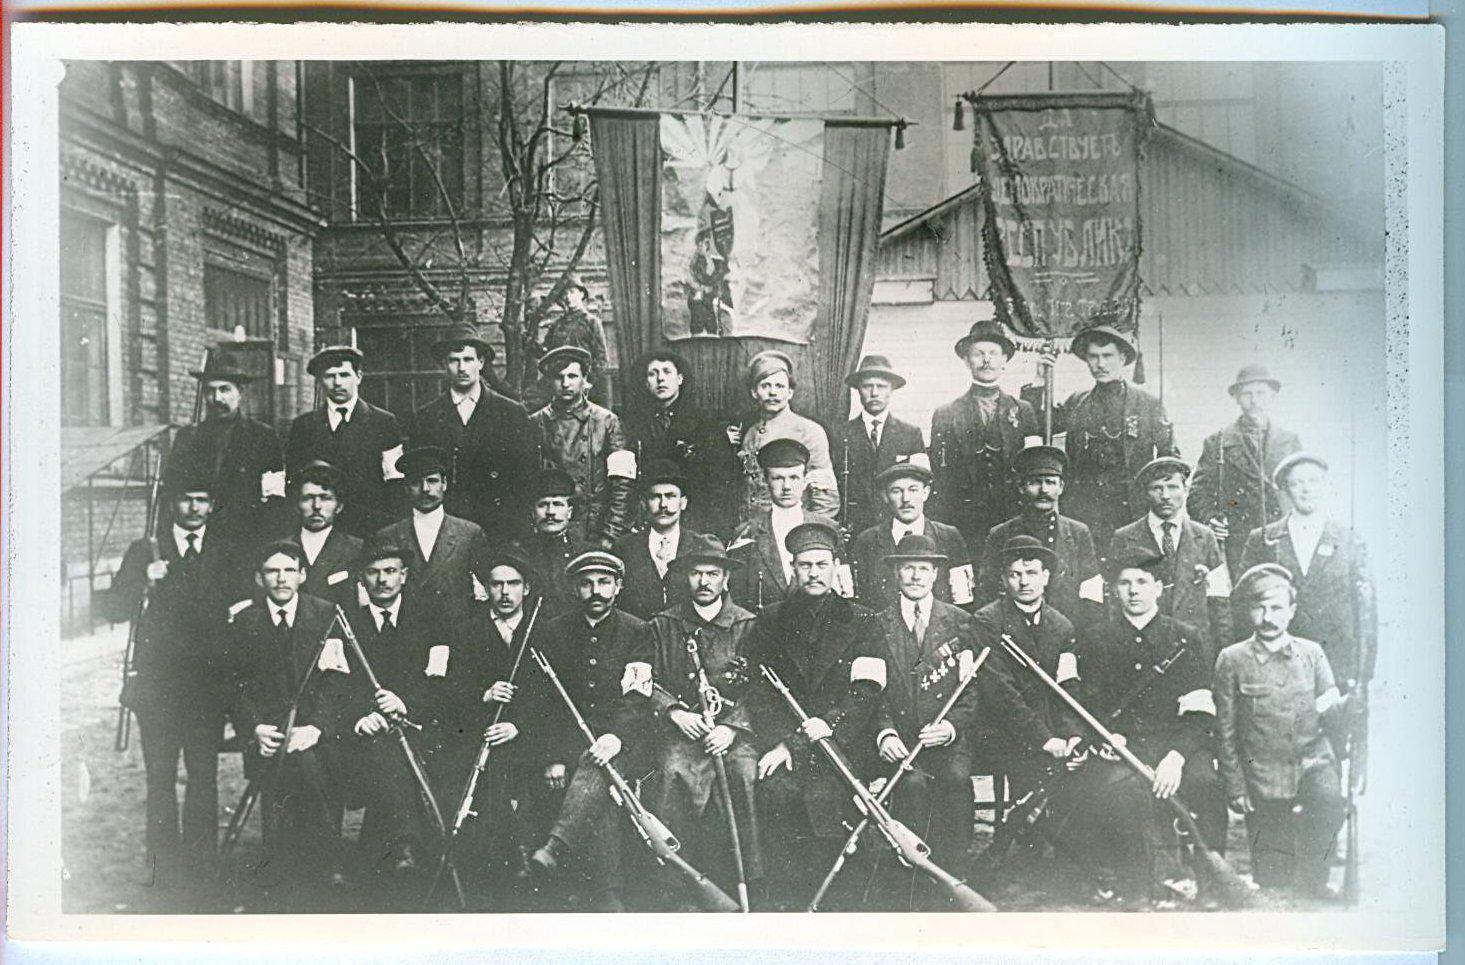 05. 19 марта. Милиция Трубочного завода (завод им. Калинина), ставшая основным ядром Красной Гвардии.